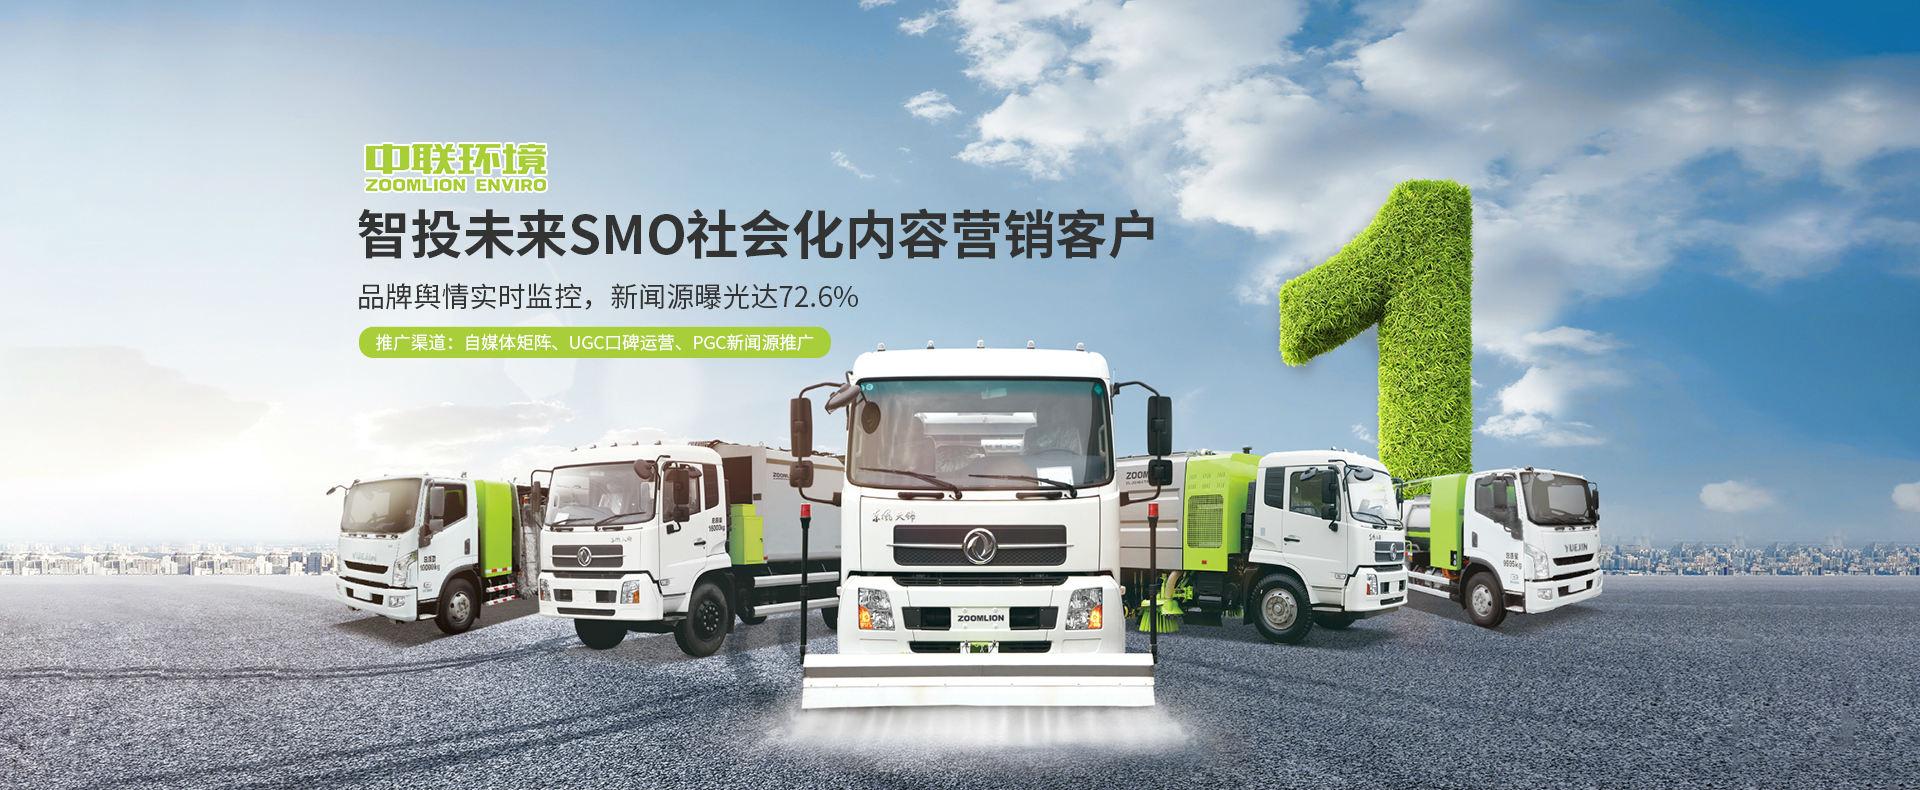 中联环境-SMO社会化内容营销案例